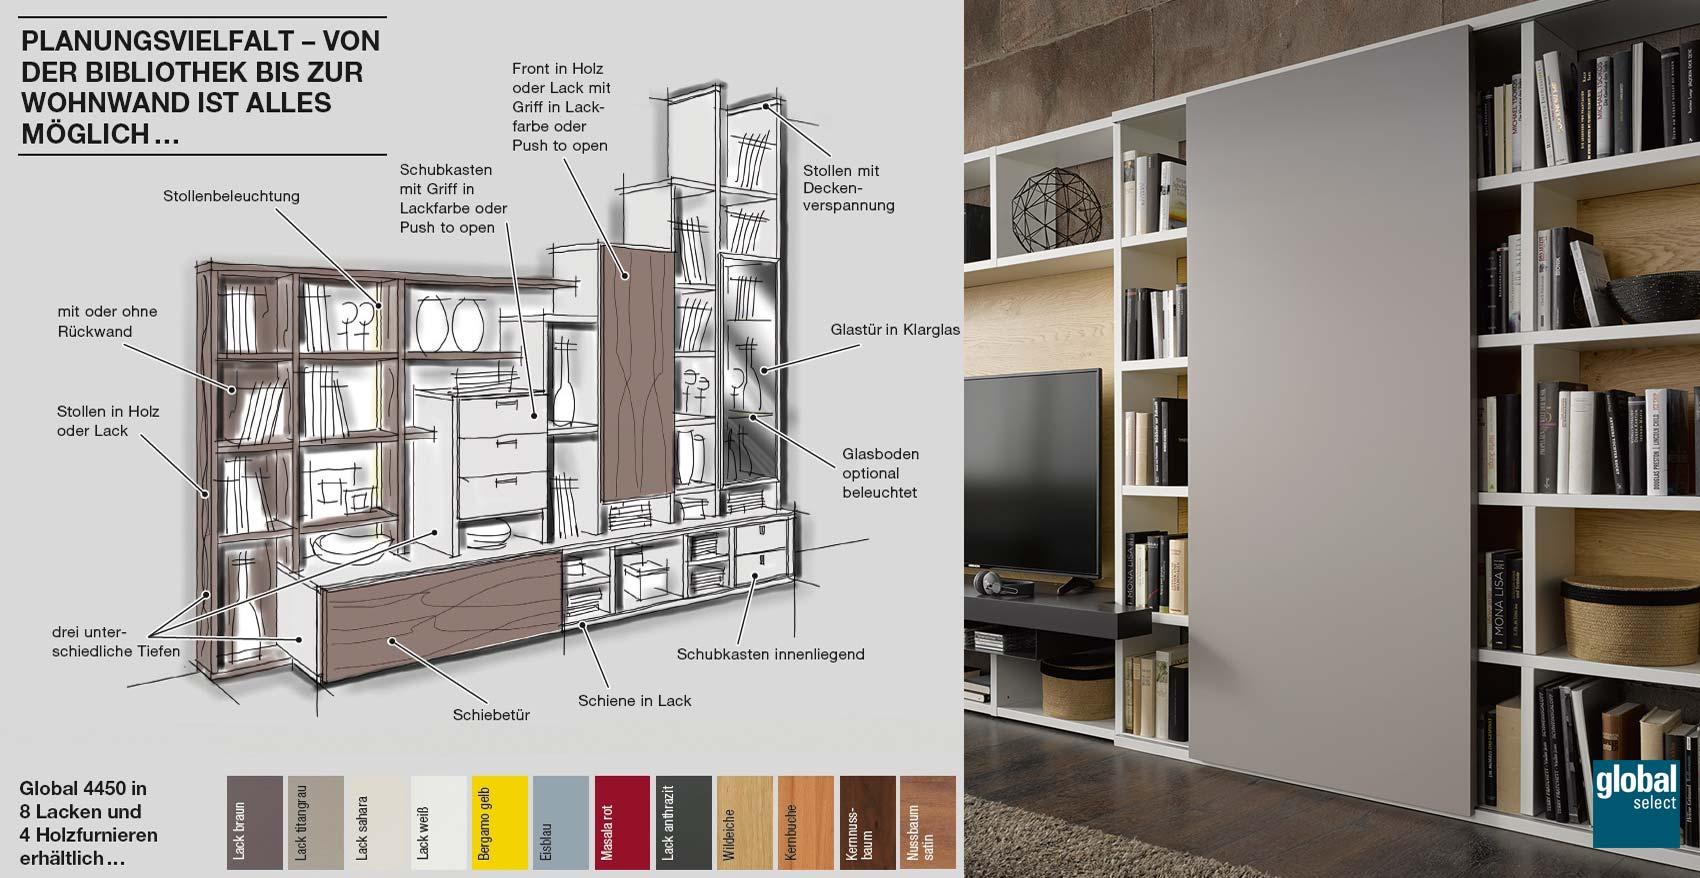 global 4450 von global wohnen in hammerau nahe freilassing und salzburg m bel reichenberger. Black Bedroom Furniture Sets. Home Design Ideas